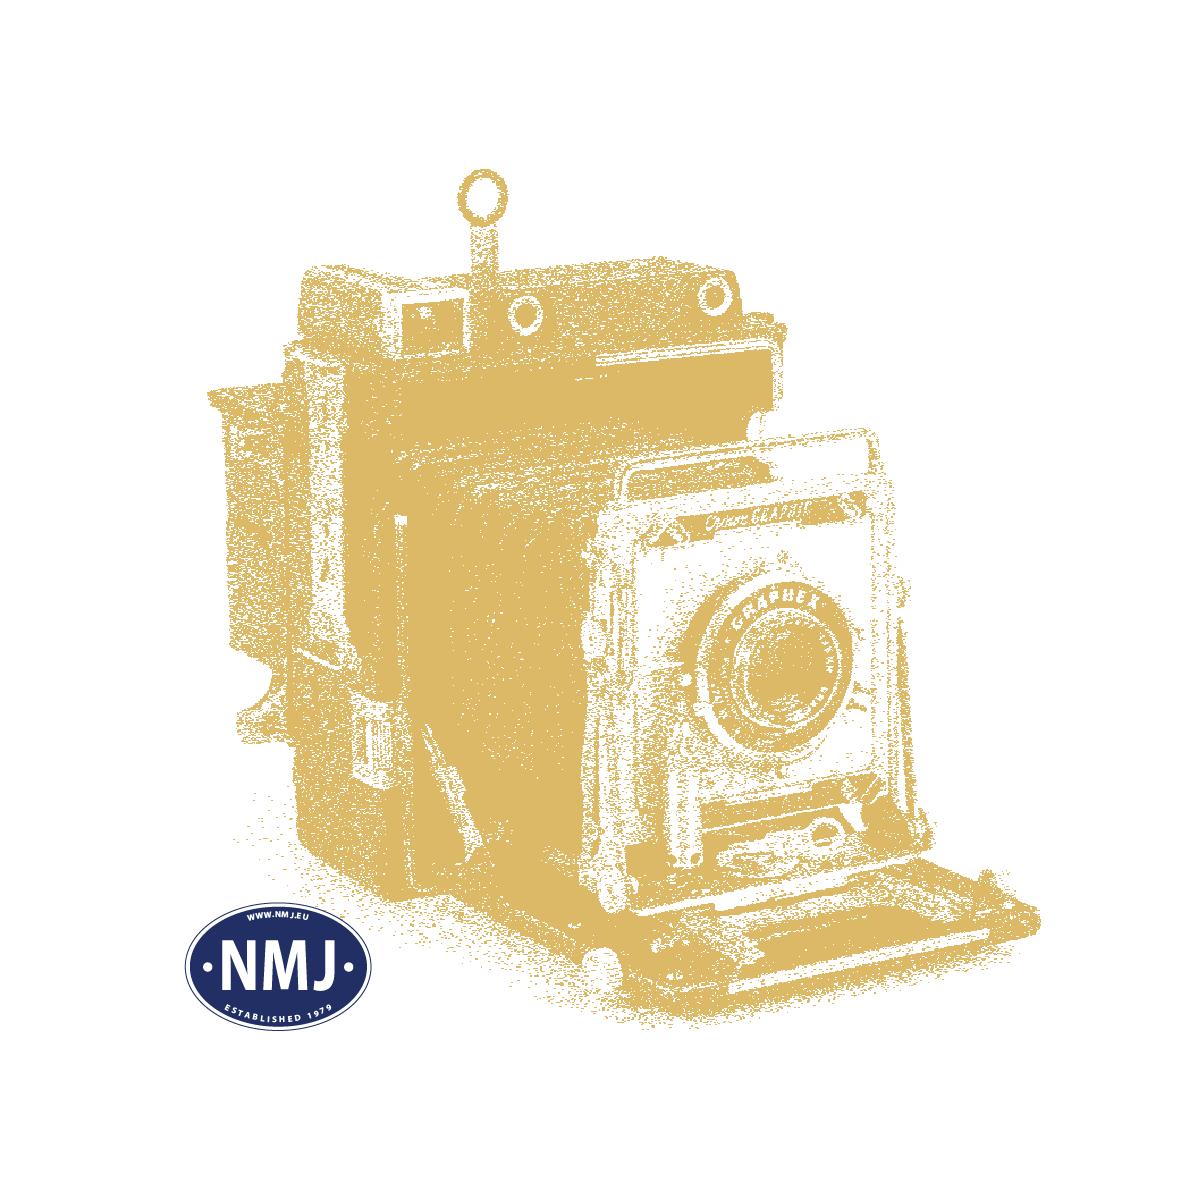 NMJT201.101 - NMJ Topline SJ A2.5138 1 Kl. Personvogn, hvit SJ logo